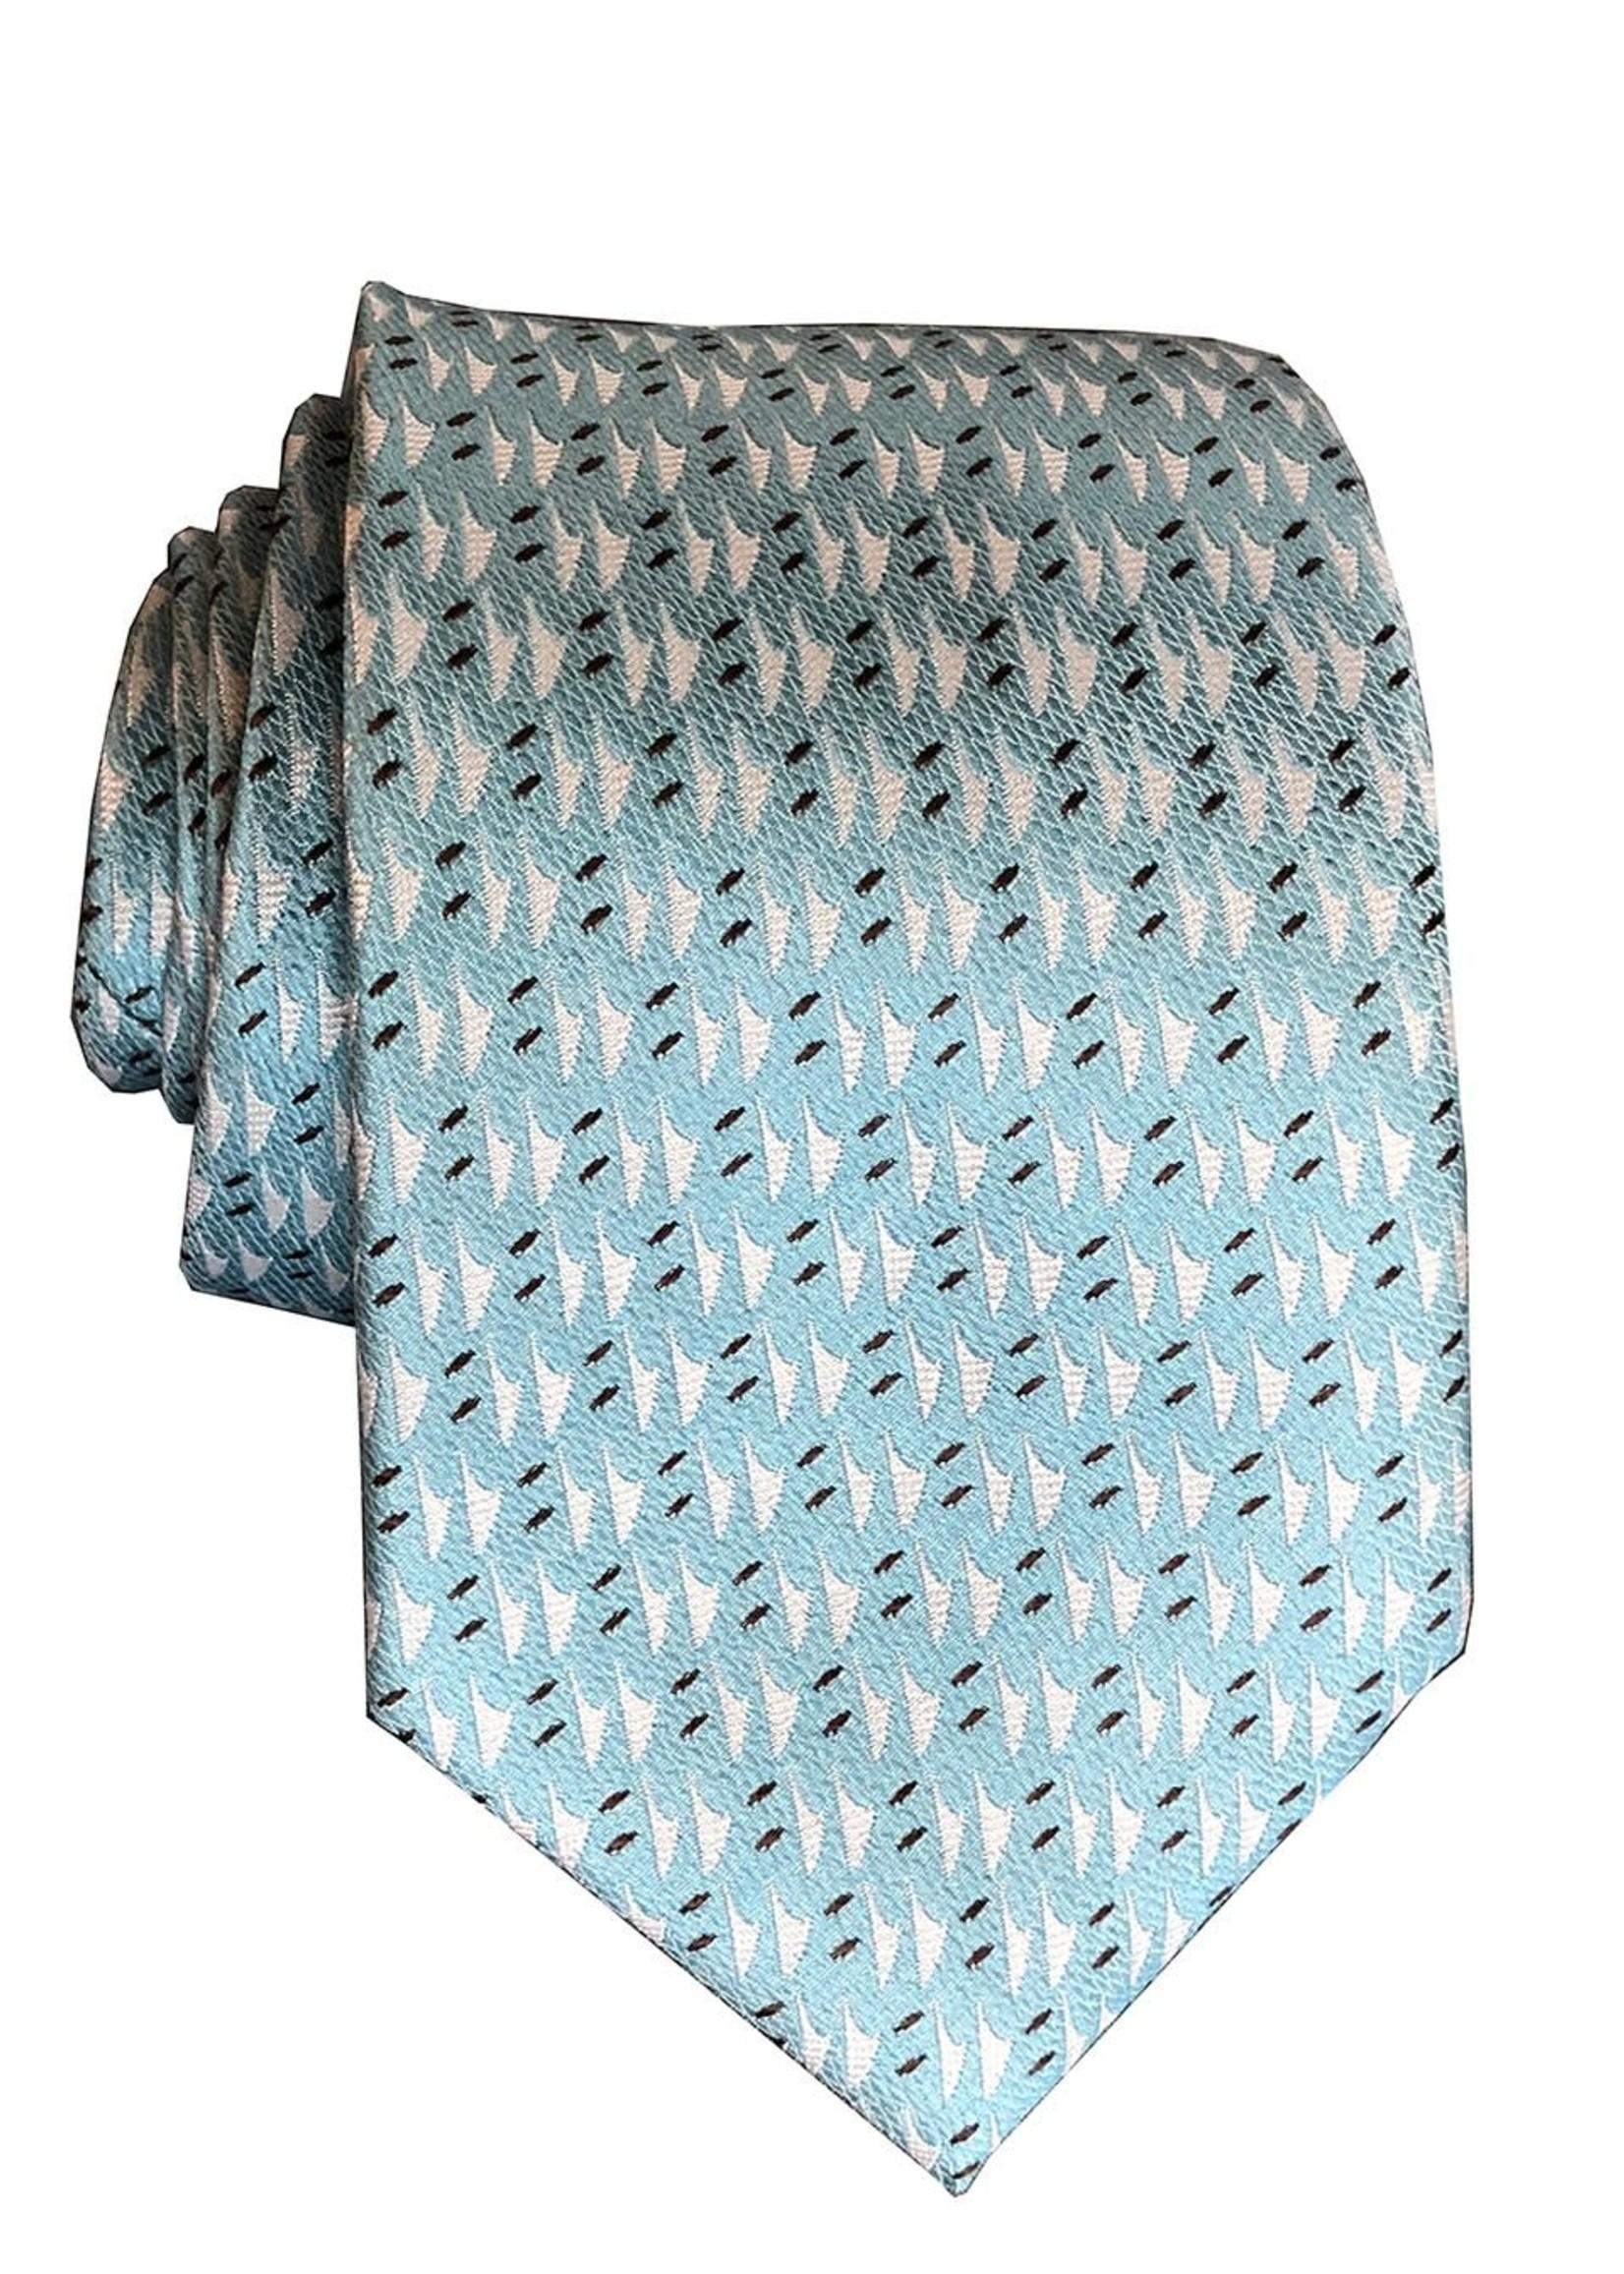 Pineapple Palaka Pineapple Palaka Ties -  Hawaiian Voyage Blue  Necktie